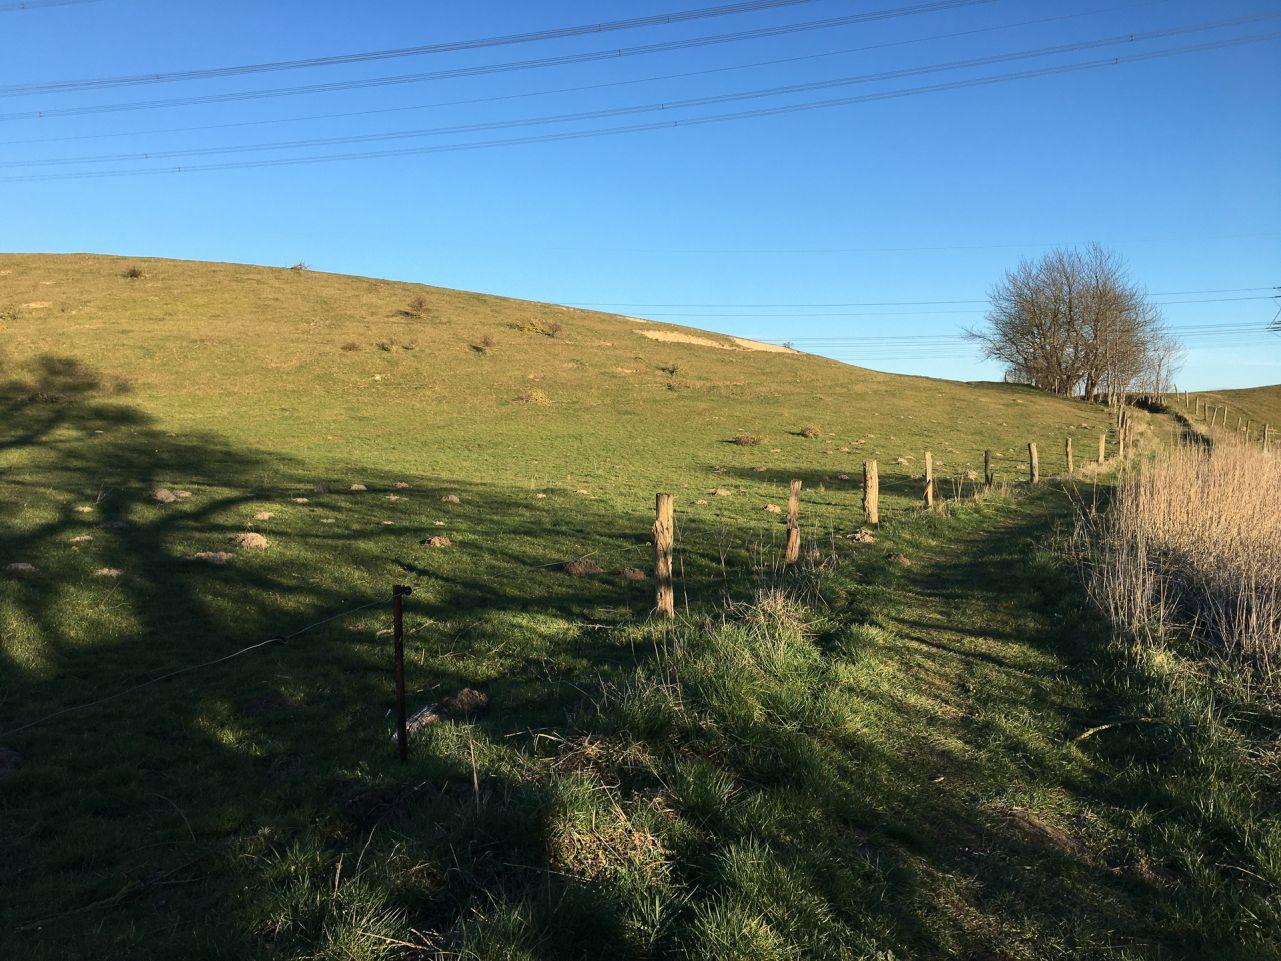 Landschaftsbild mit Himmel und viel grün, ein Weg der an einem Weidezaun entlang eines Hügels führt